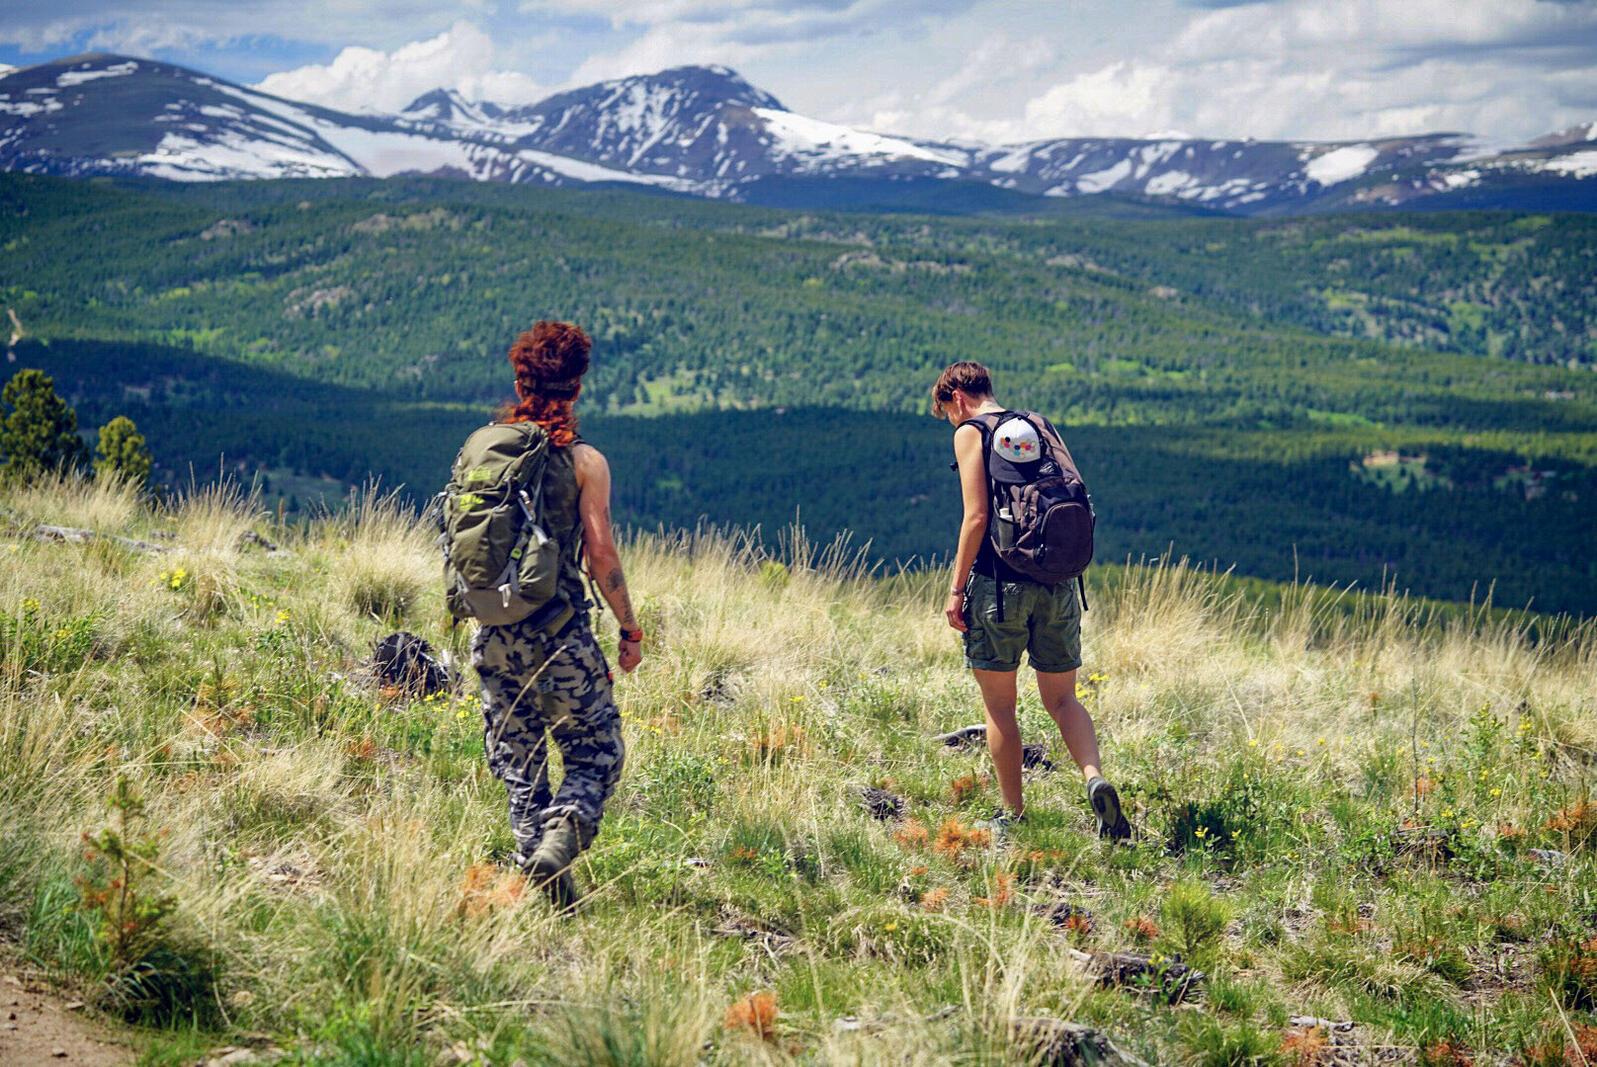 Hike led by Queer Nature in Arapaho & Ute territories. Pınar Ateş Sinopoulos-Lloyd